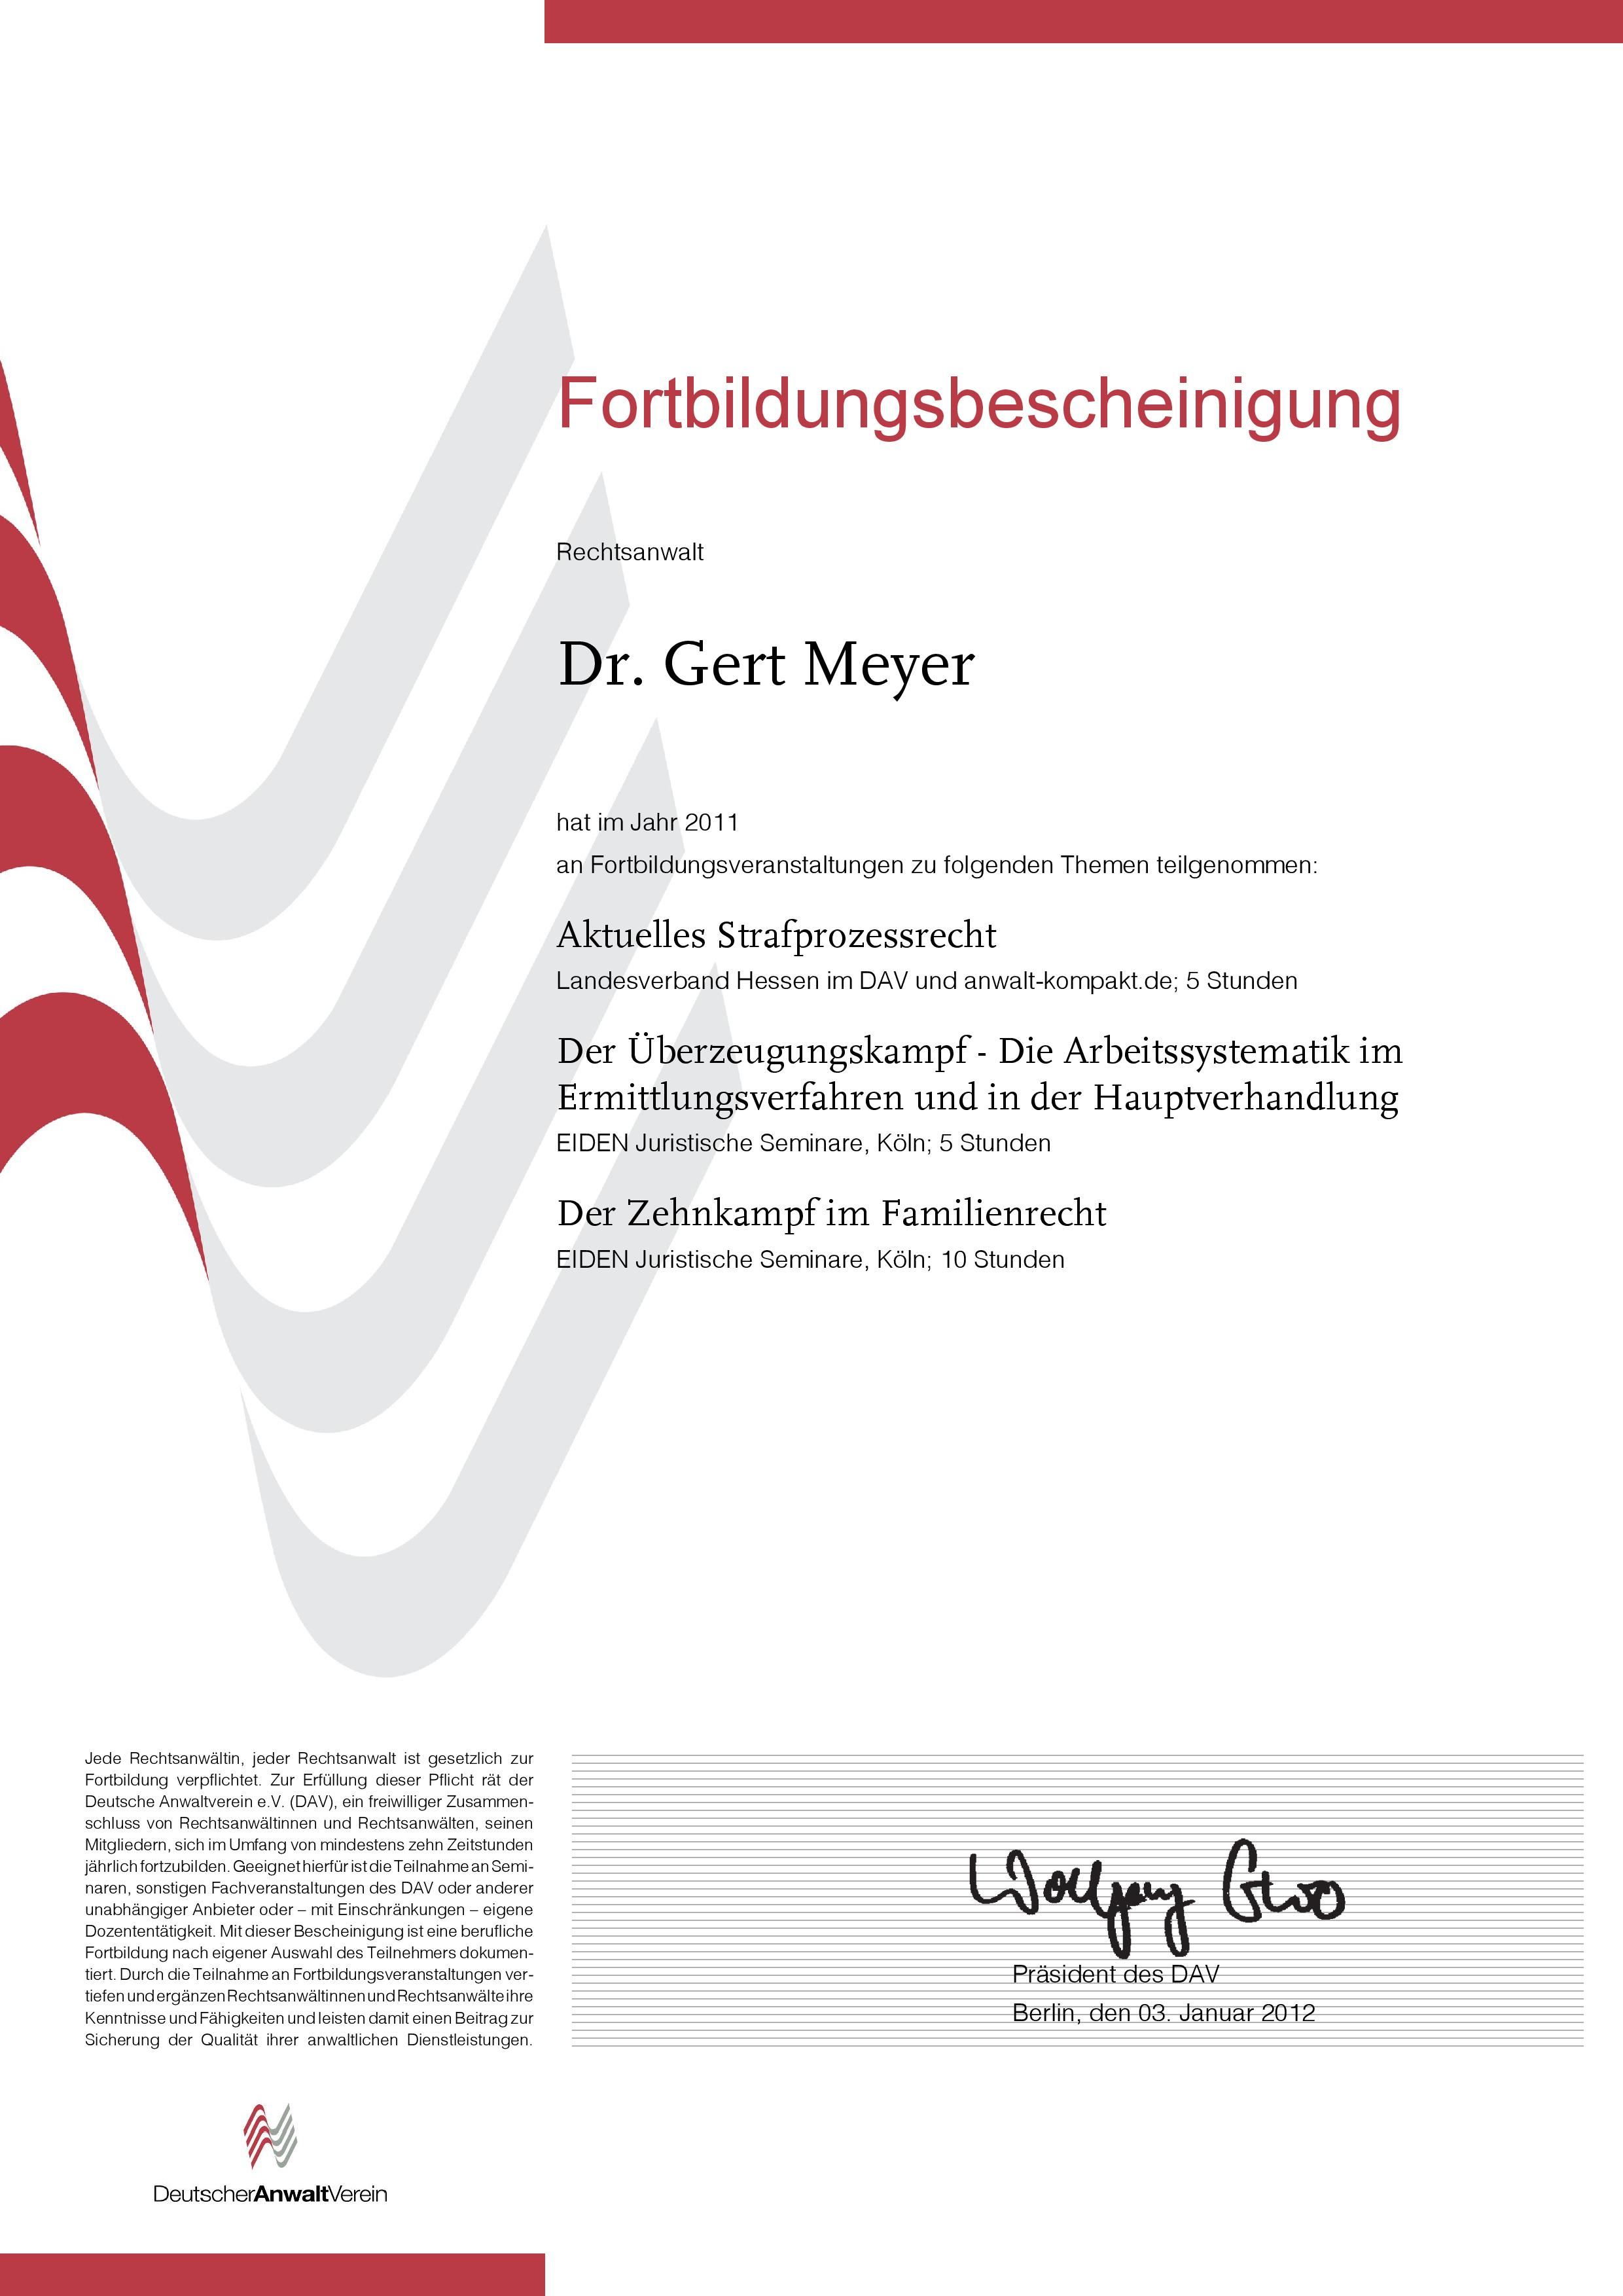 Fortbildungsbescheinigung11-page-001